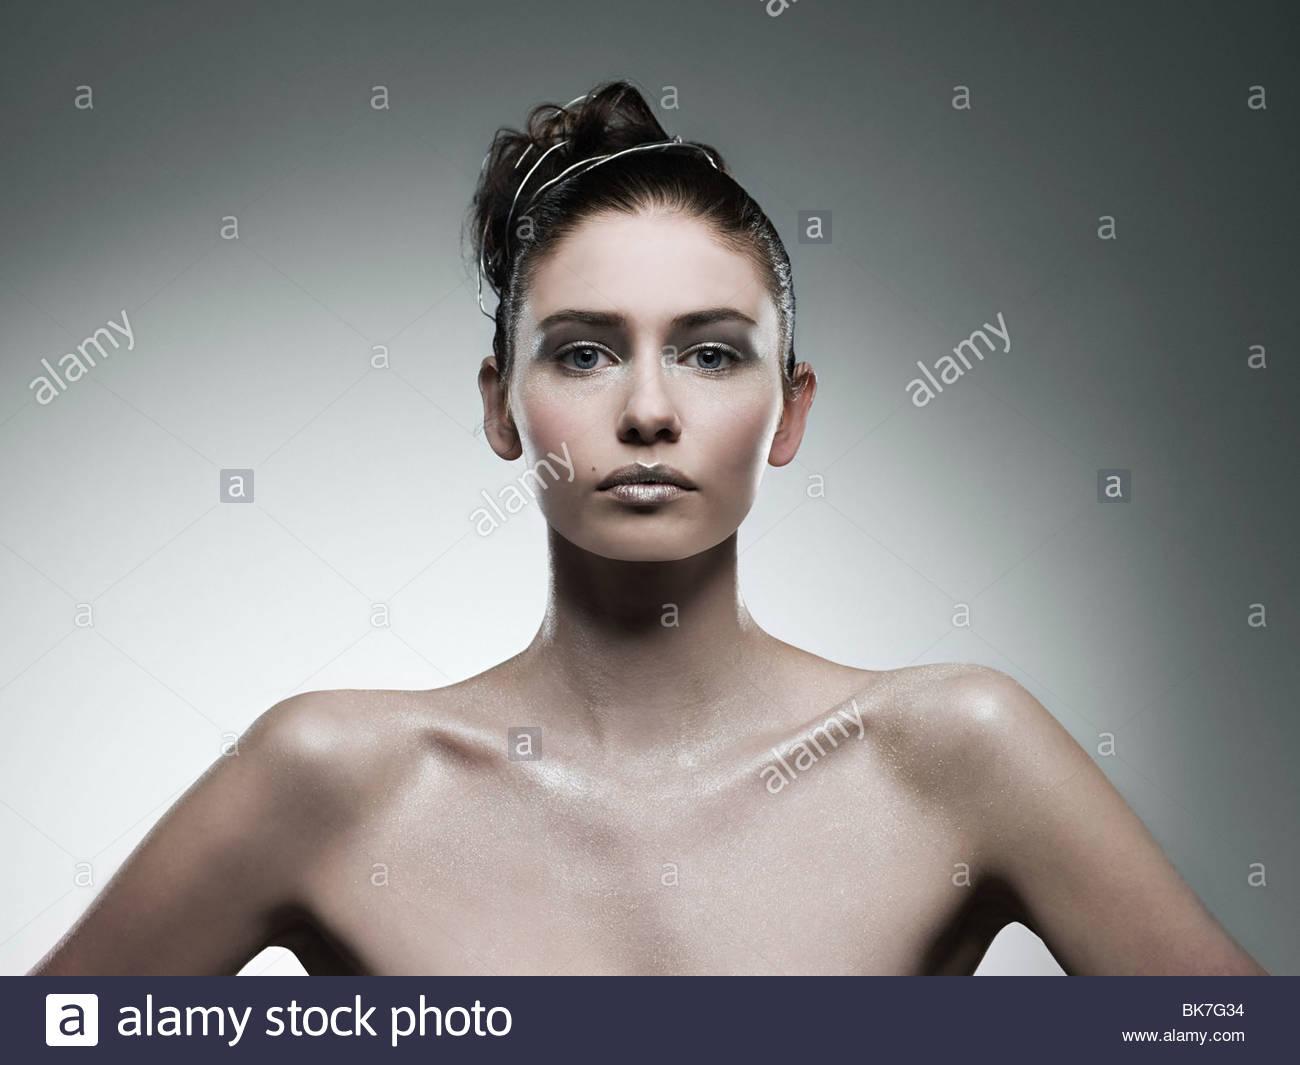 Jeune femme couverte d'argent Photo Stock